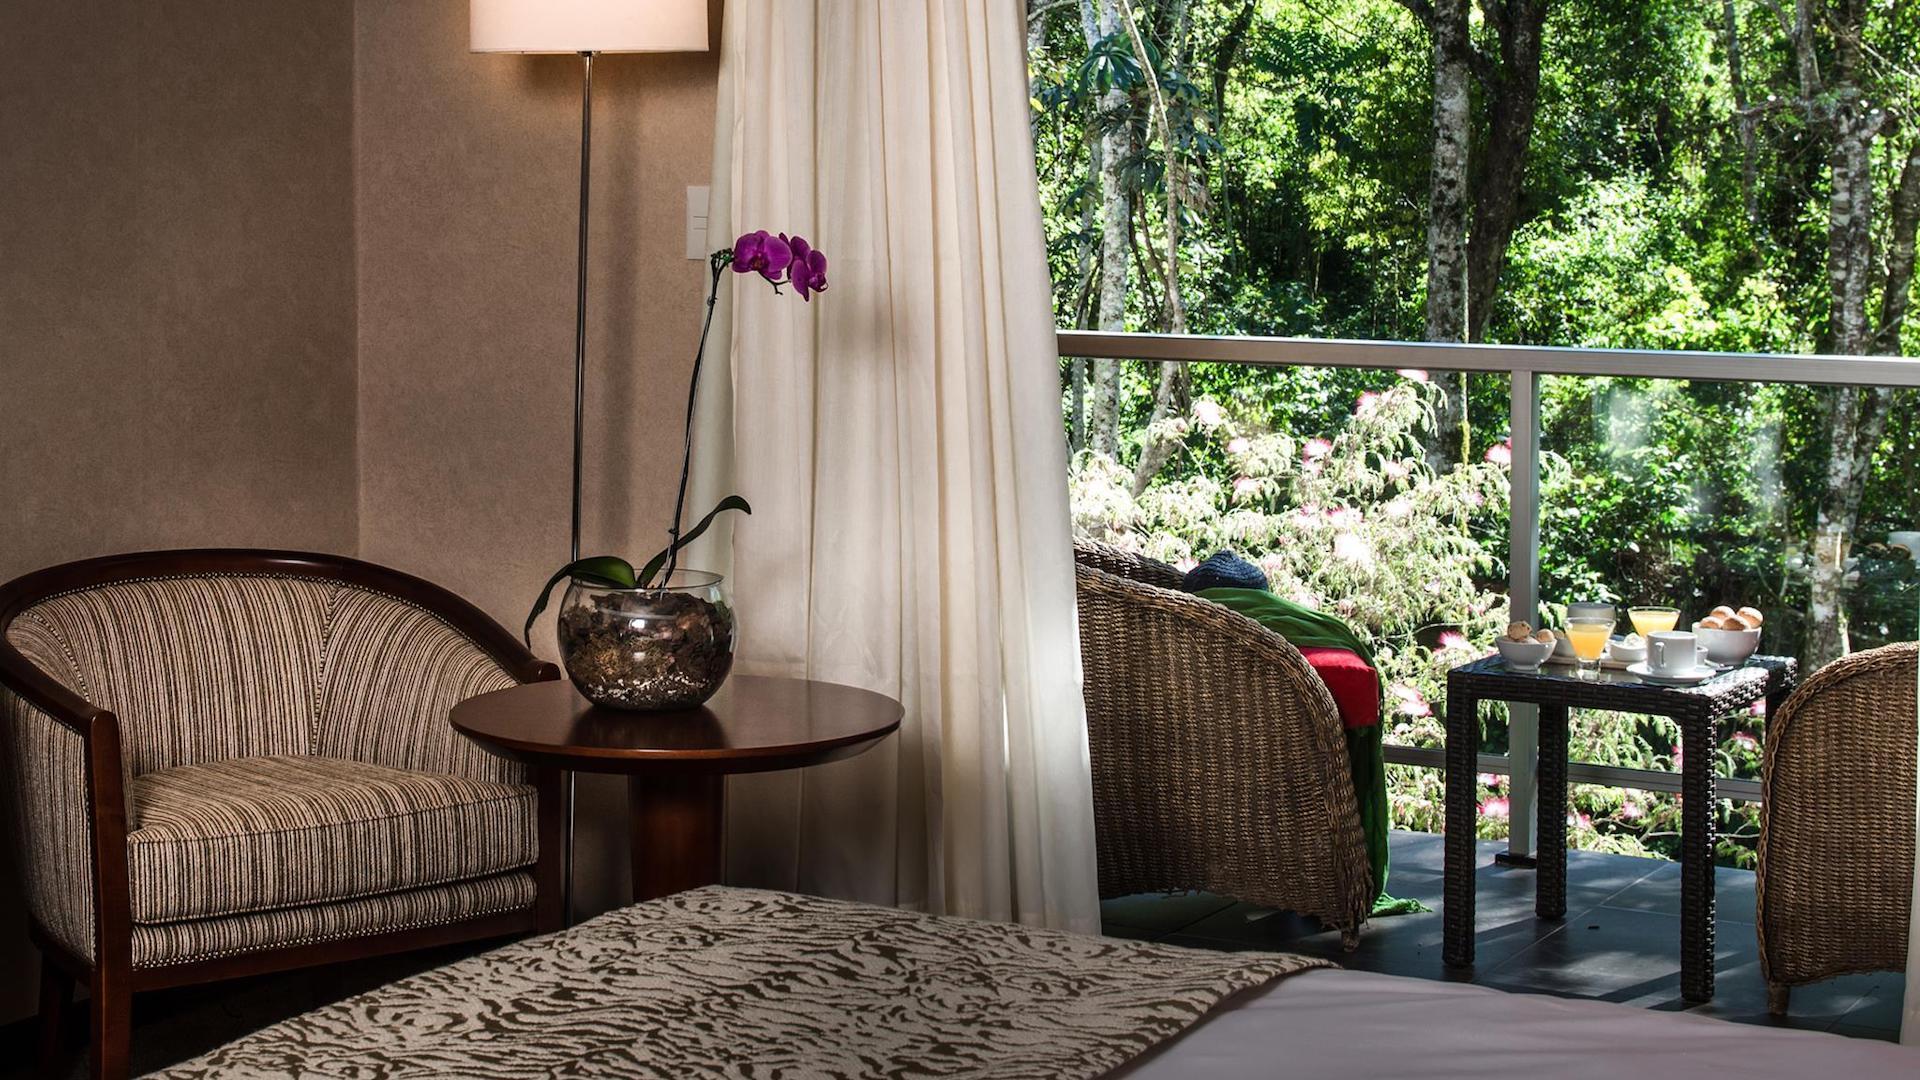 [Imágenes] Iguazú Falls: este es el nuevo hotel cinco estrellas en las Cataratas del Iguazú